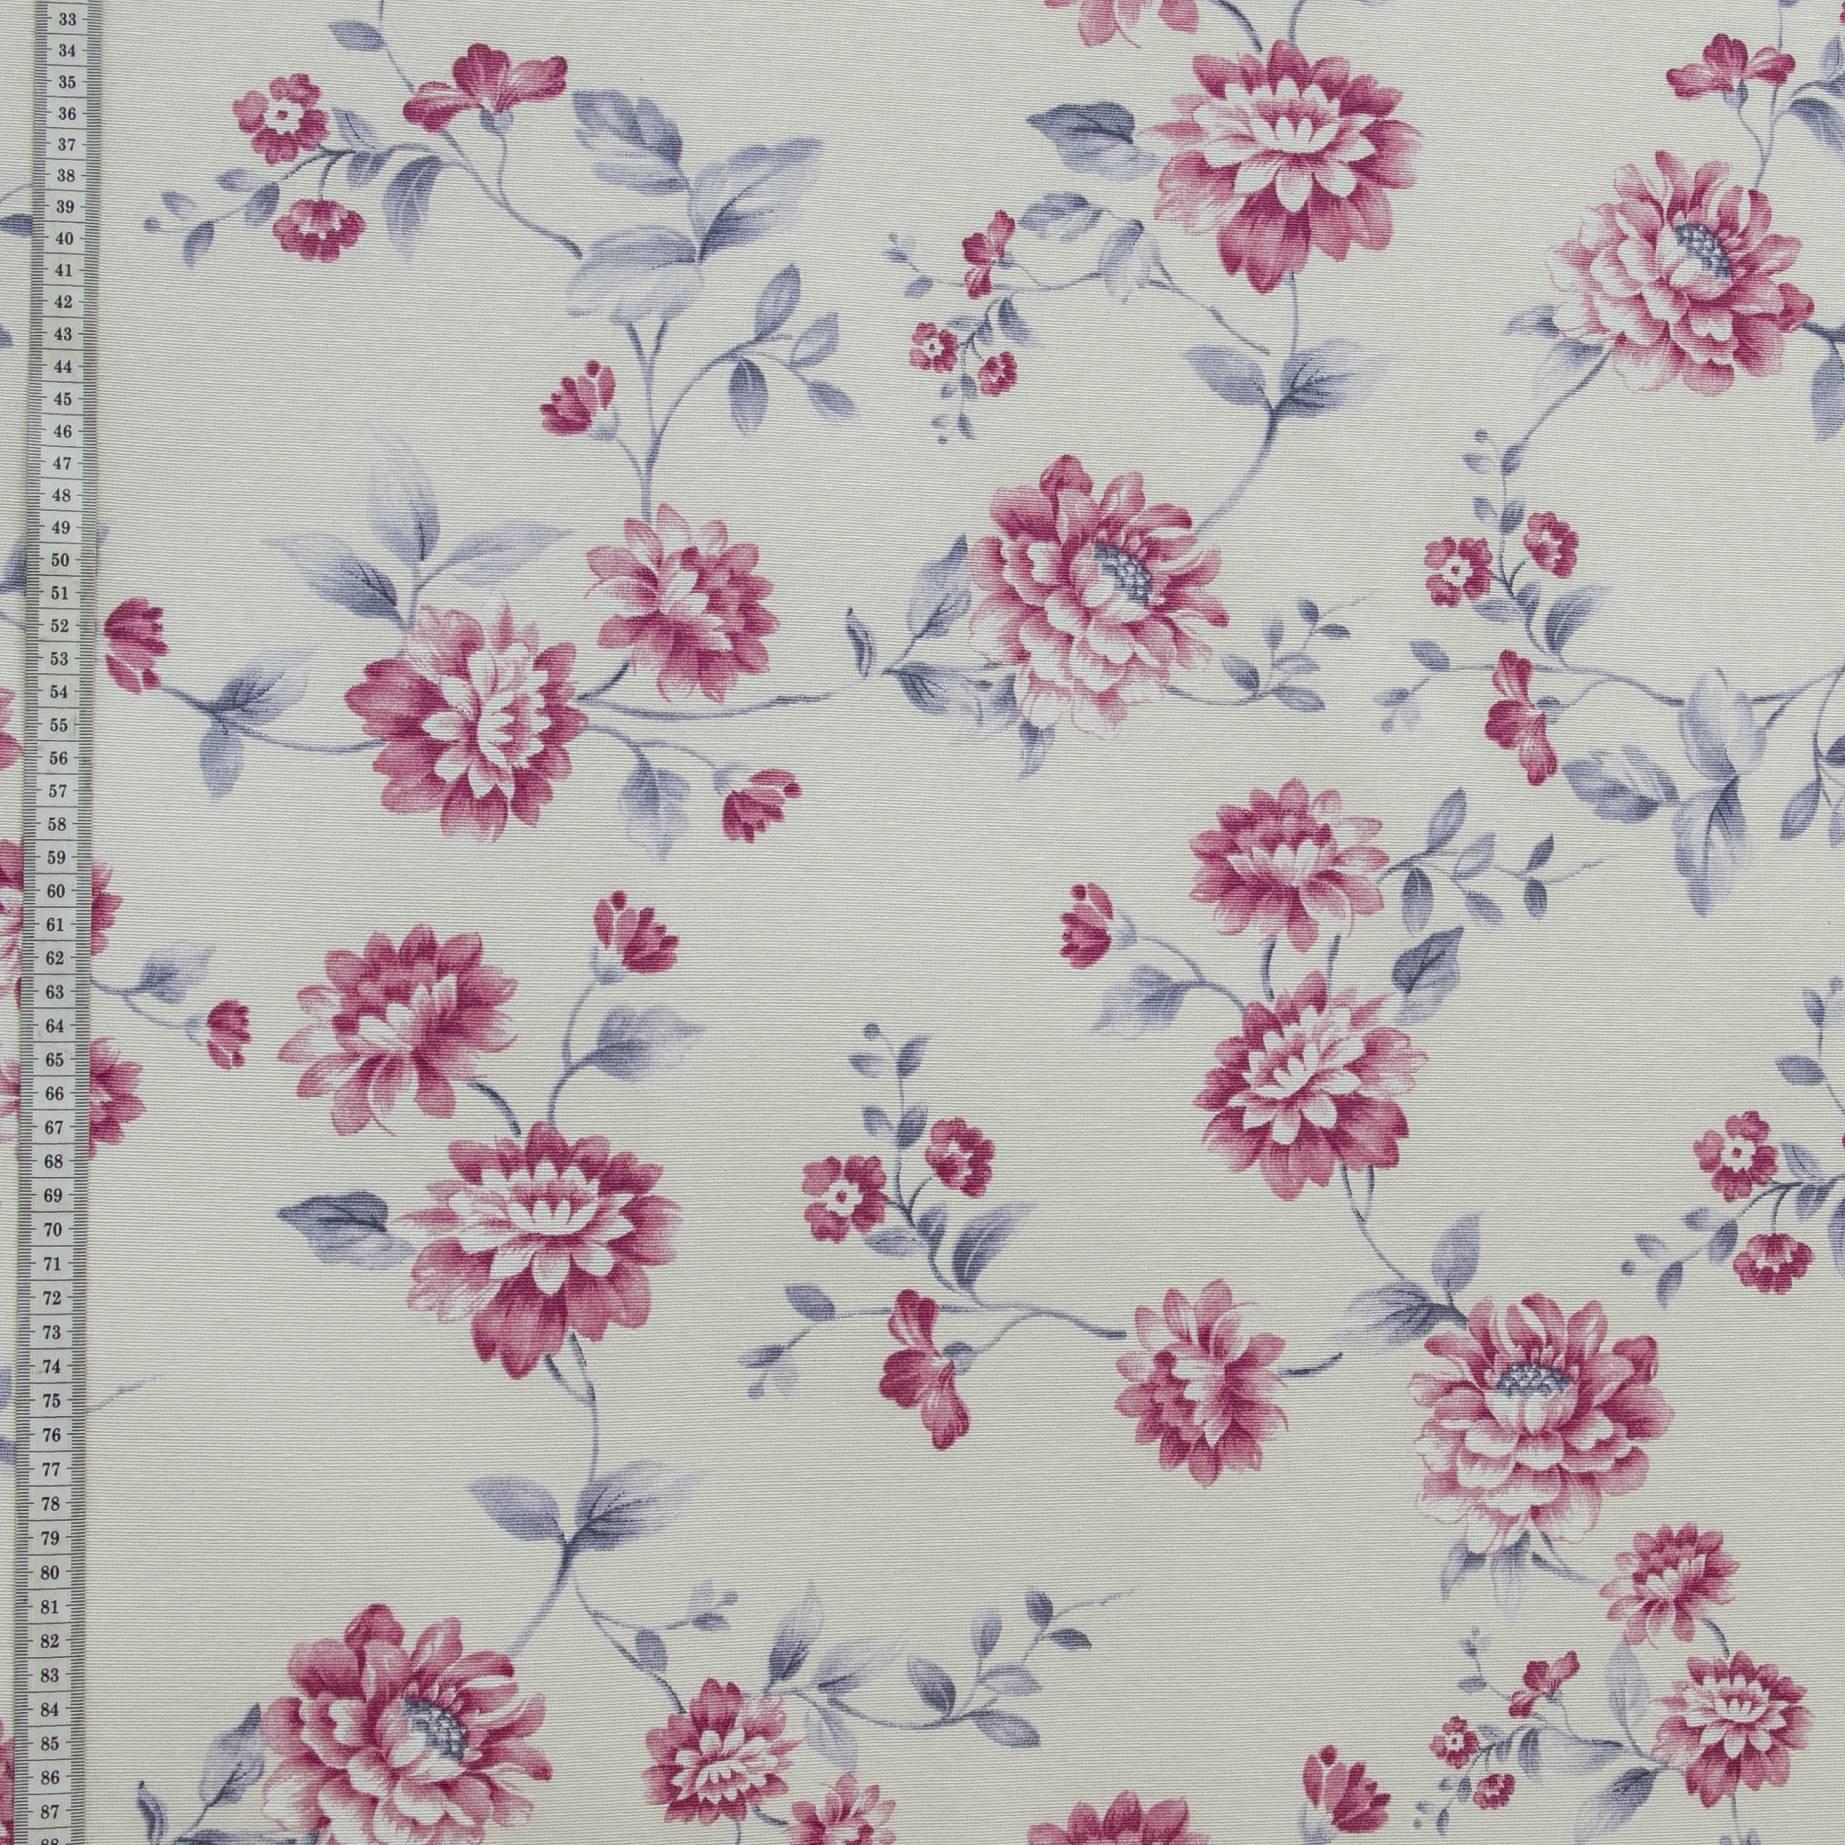 Декоративная ткань бланко, цветы, хлопок 70%, 164г/м, 50x70 см